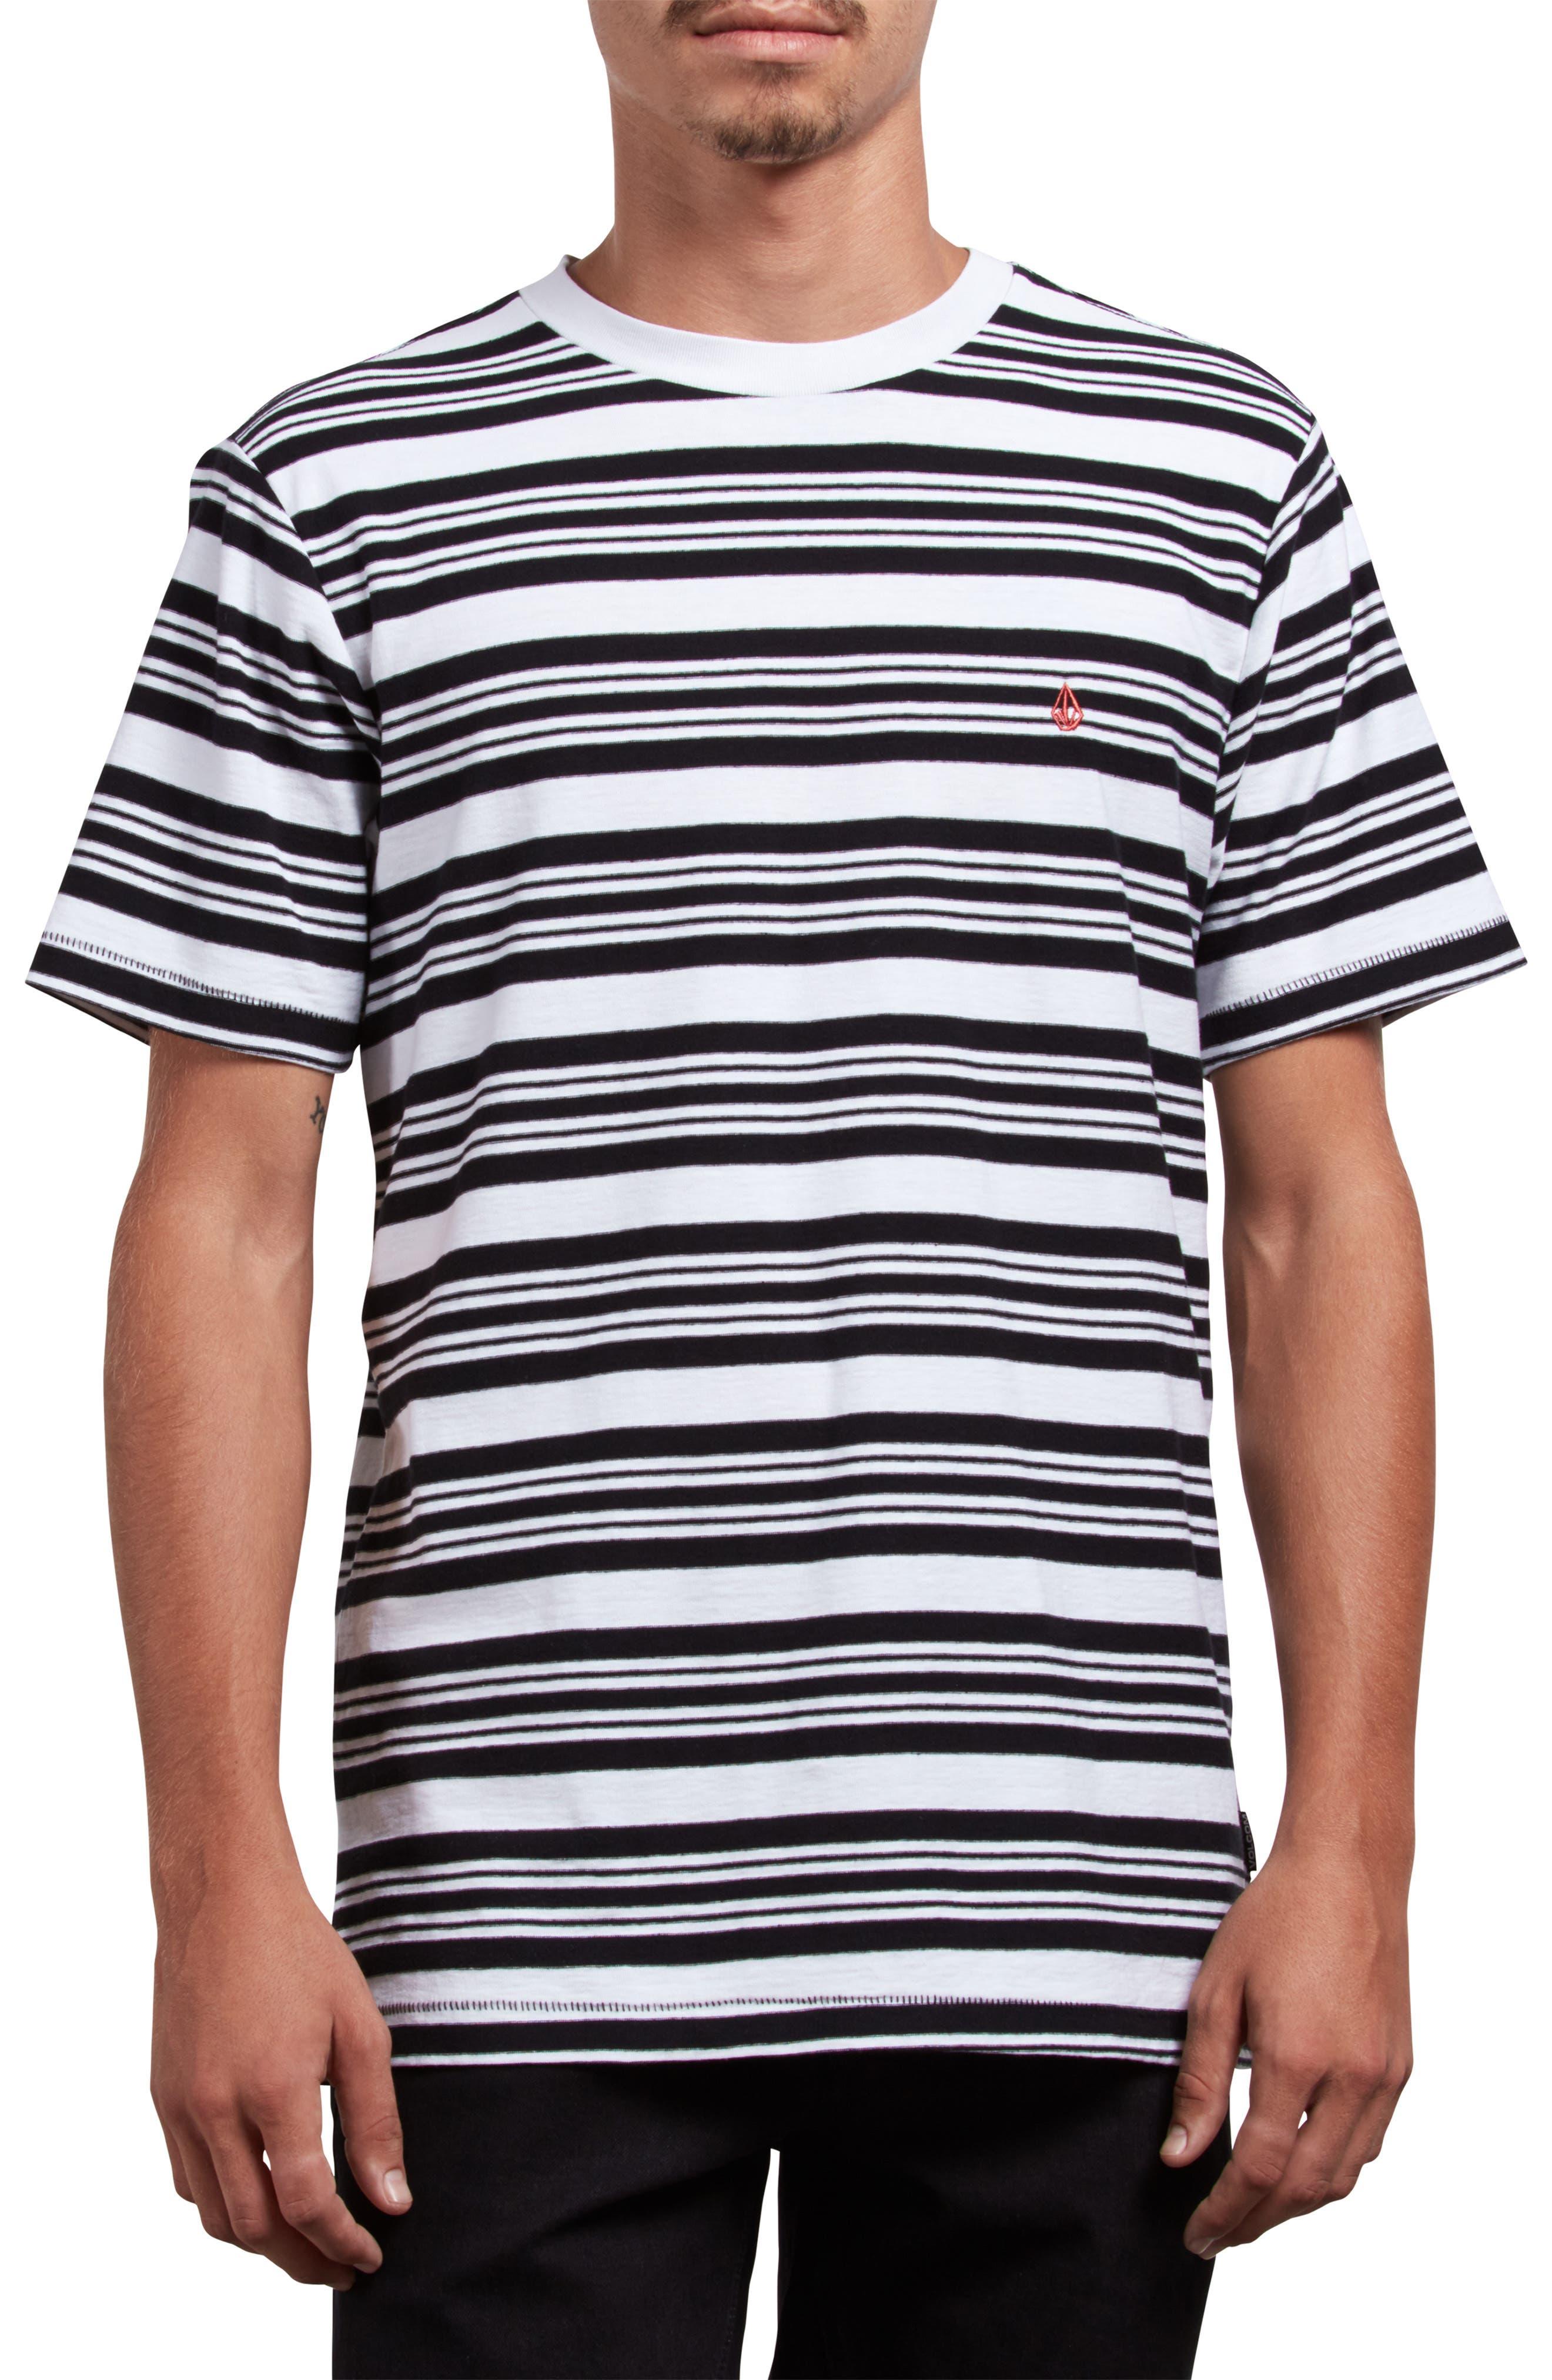 Randall T-Shirt,                             Main thumbnail 1, color,                             100